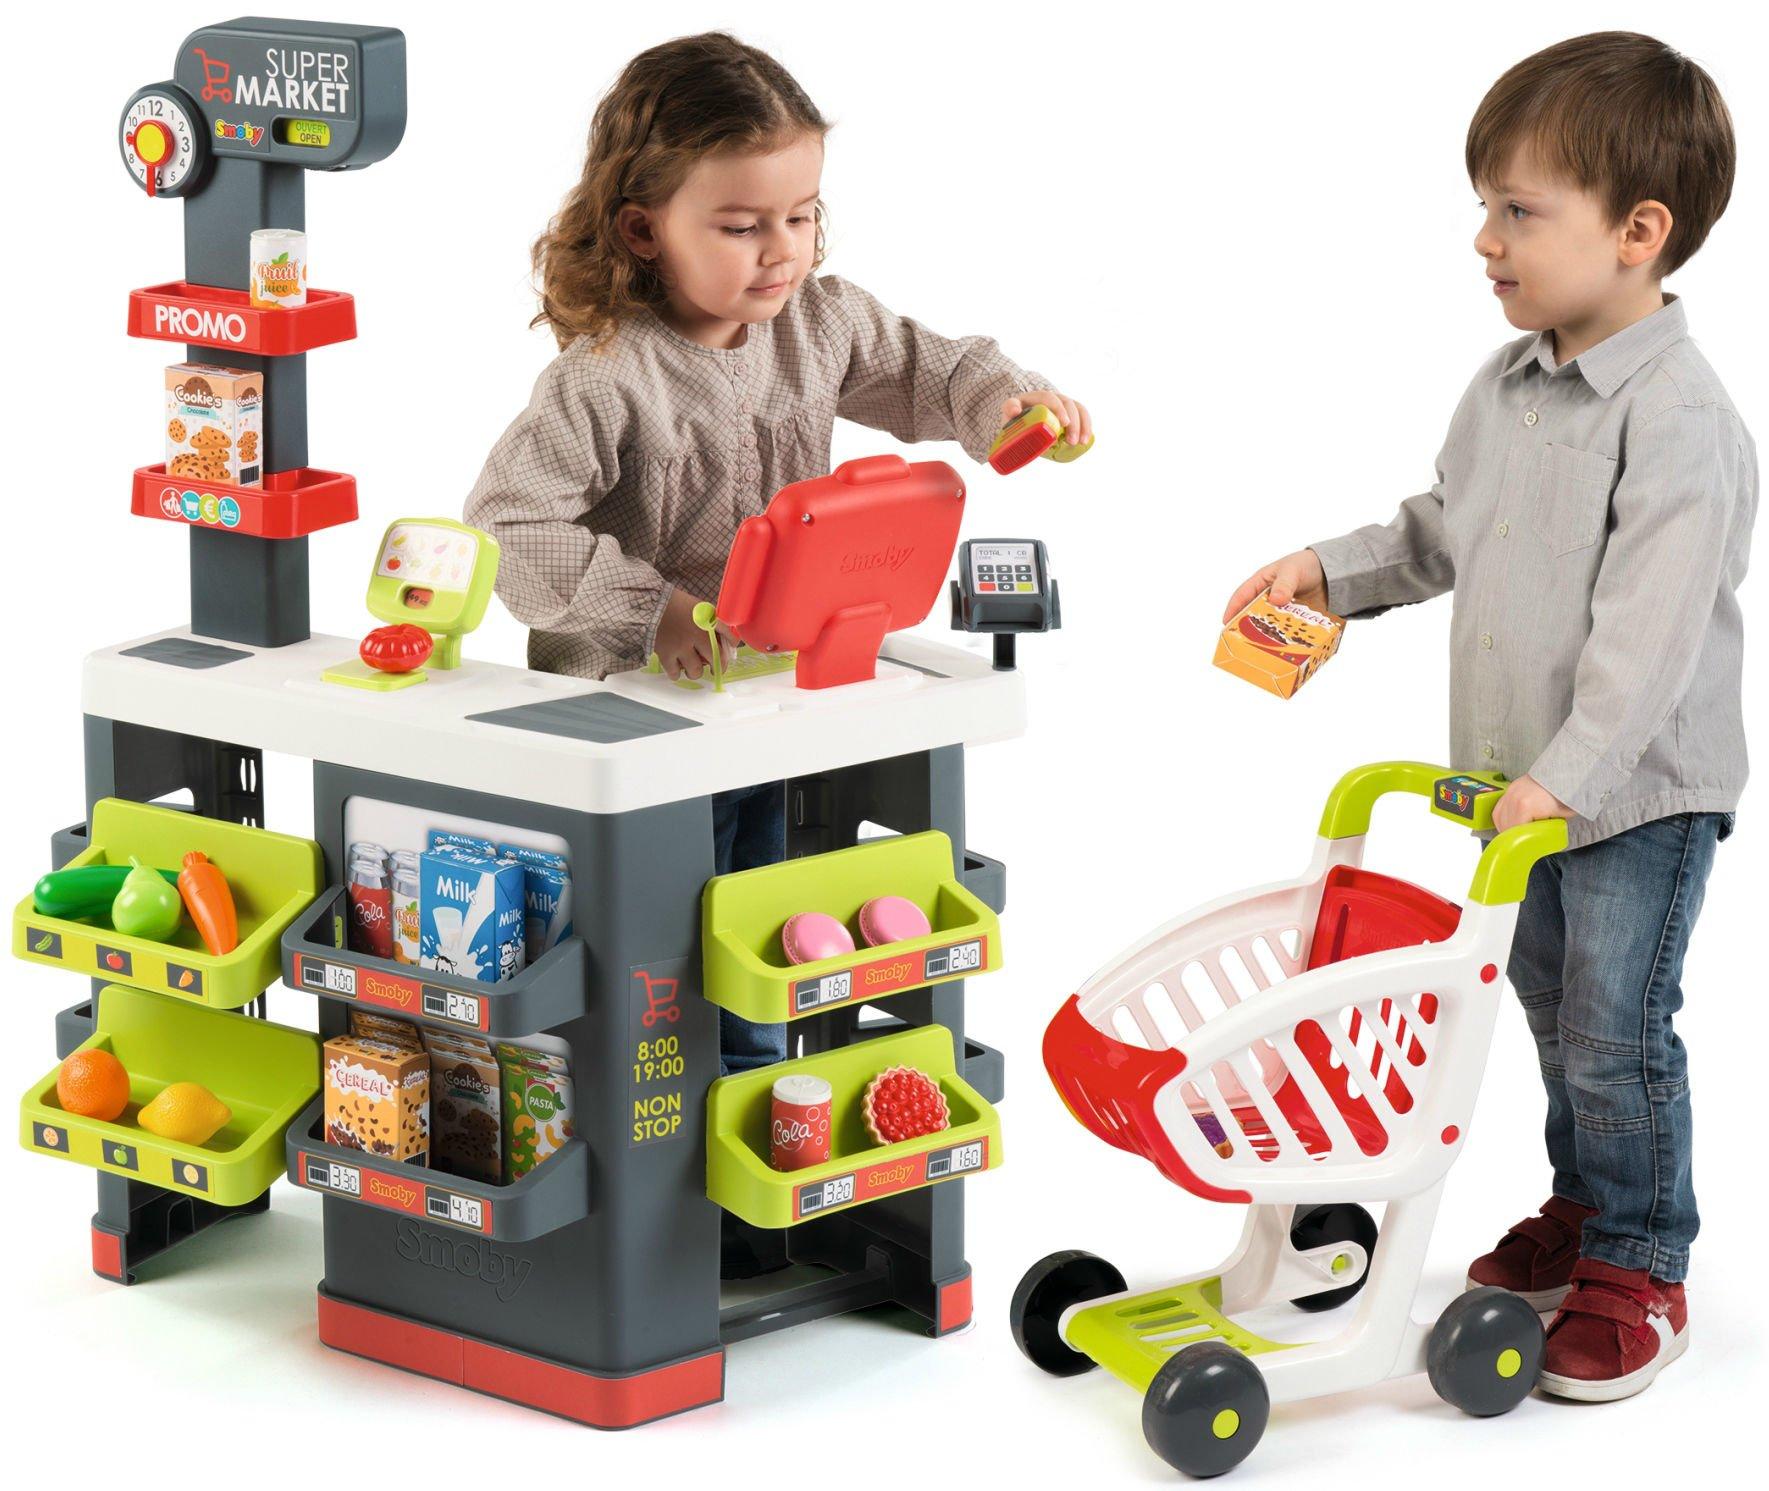 263ea072d23b95 Smoby Supermarket Sklep dla dzieci wózek sklepowy 42 akcesoria ...